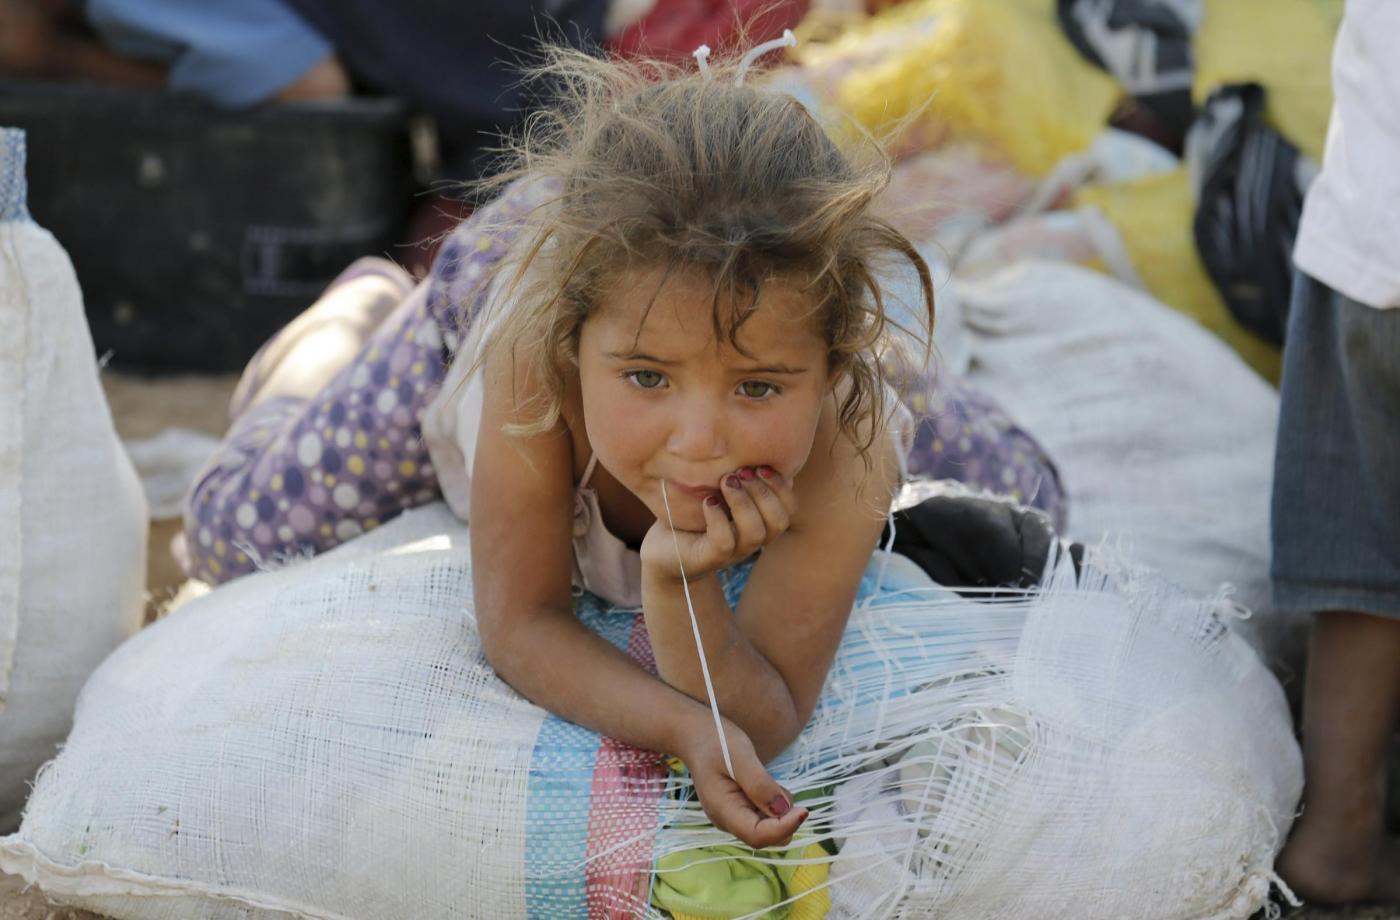 Giornata internazionale del rifugiato 2015: manifestazioni in tutta Italia